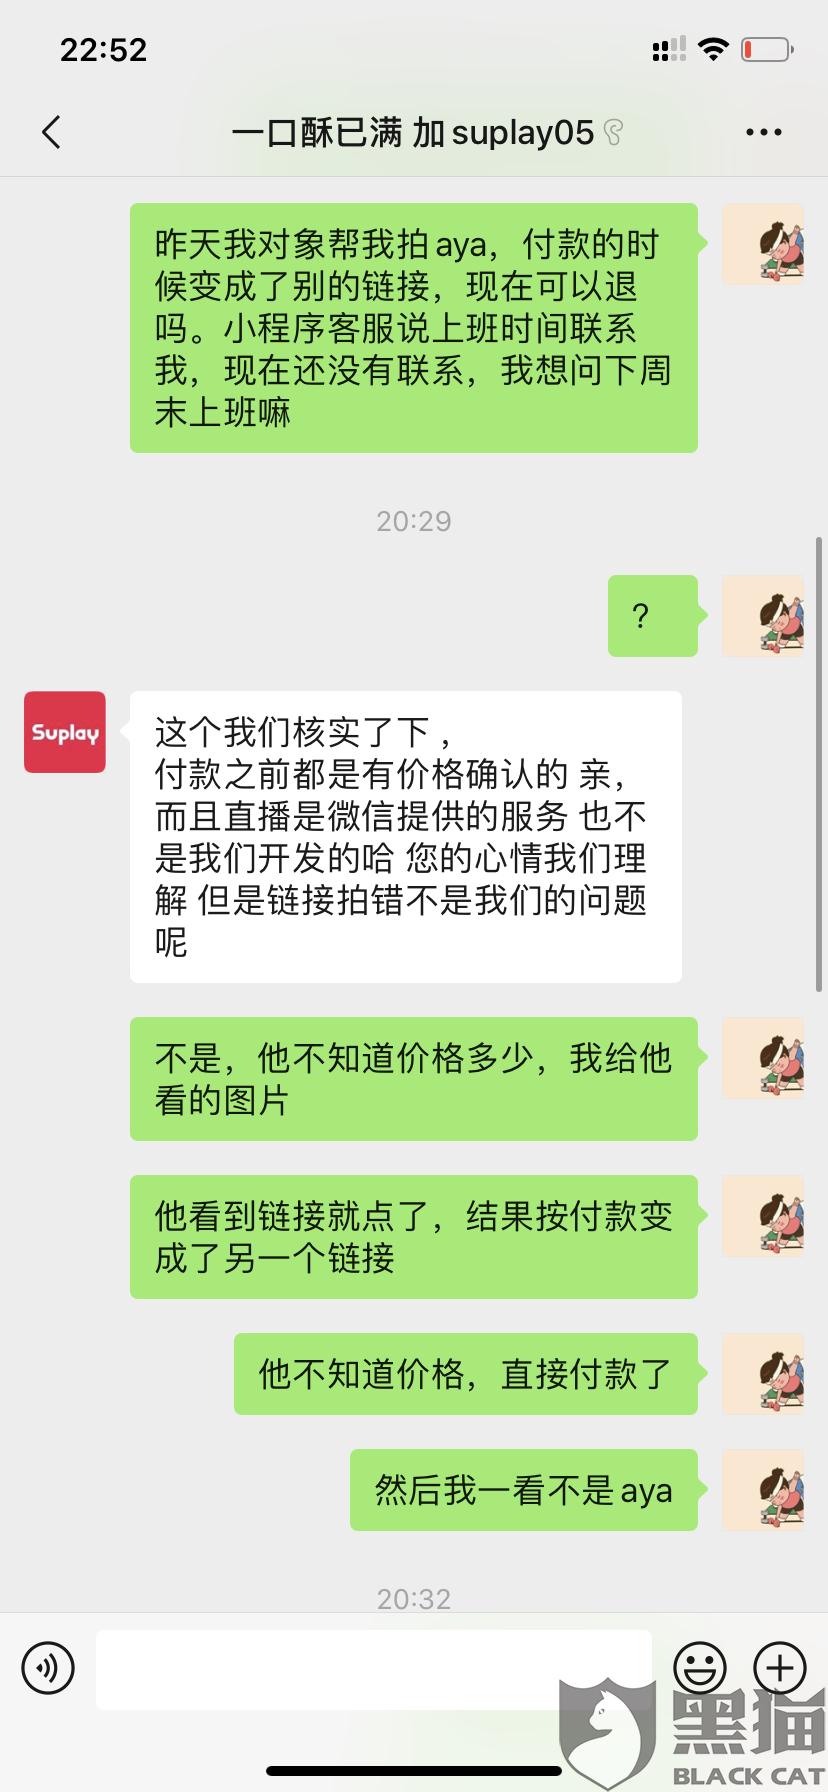 黑猫投诉:suplay微信小程序购物欺骗消费者